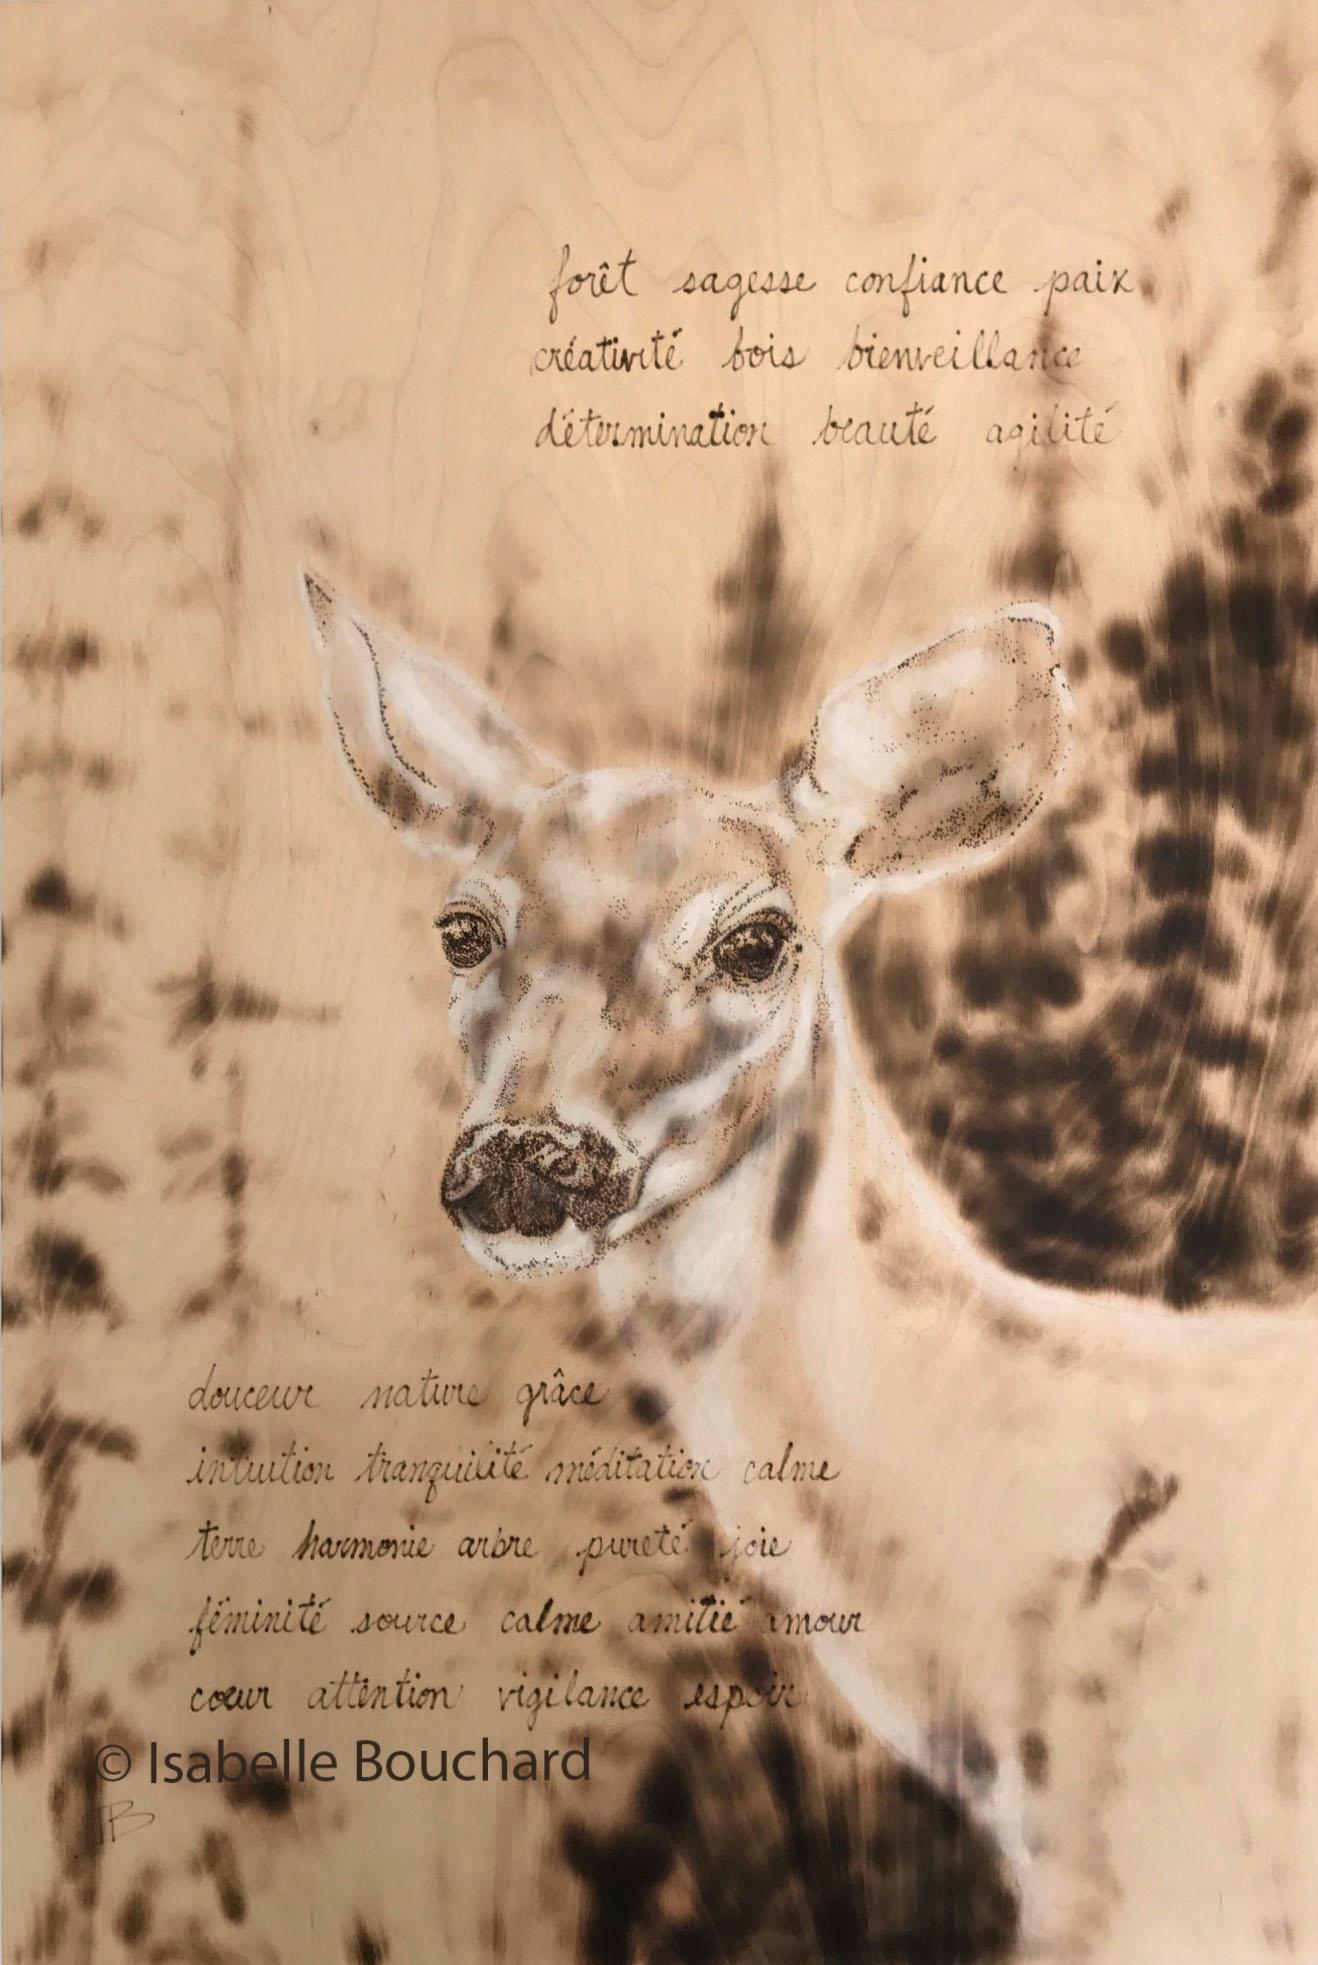 Isabelle Bouchard Artiste Biche 24x36 20